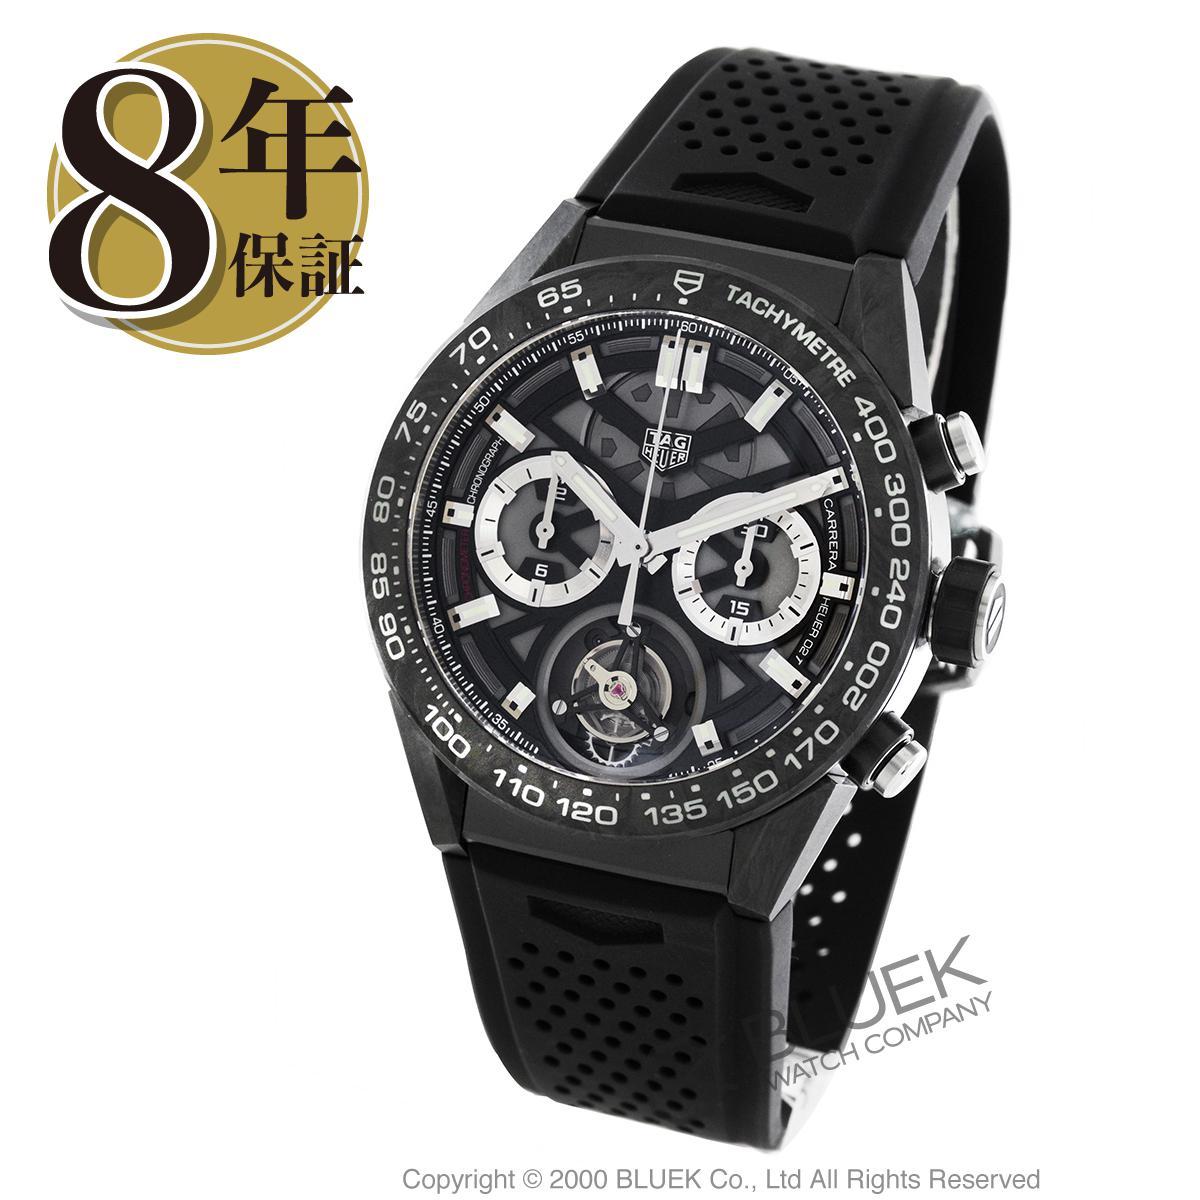 【3万円OFFクーポン対象】タグホイヤー カレラ ホイヤー02T トゥールビヨン COSC クロノグラフ 腕時計 メンズ TAG Heuer CAR5A8W.FT6071_8